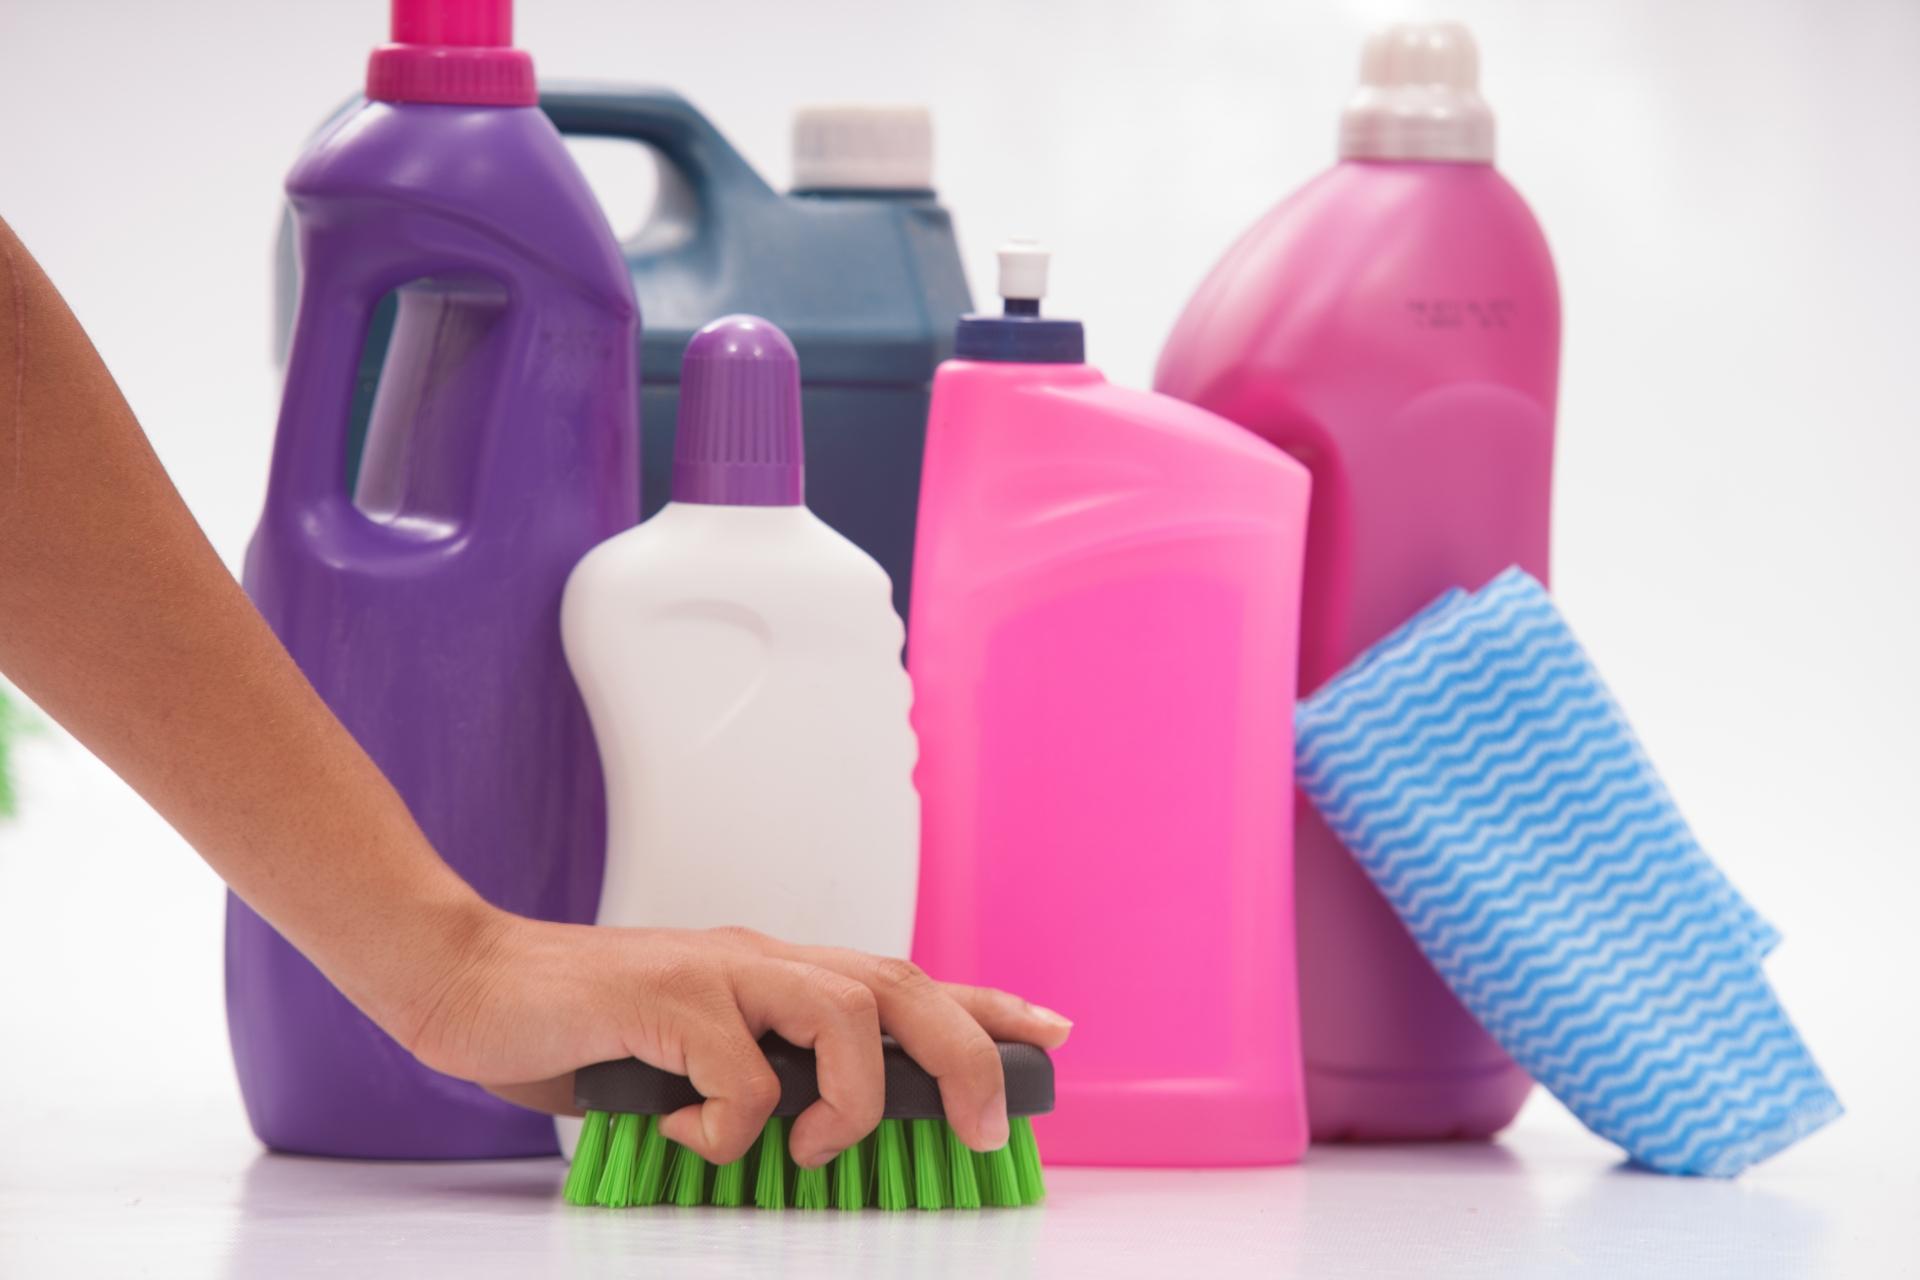 清掃のプロからハウスクリーニングの基本を学び清掃時間を短縮しよう!?①